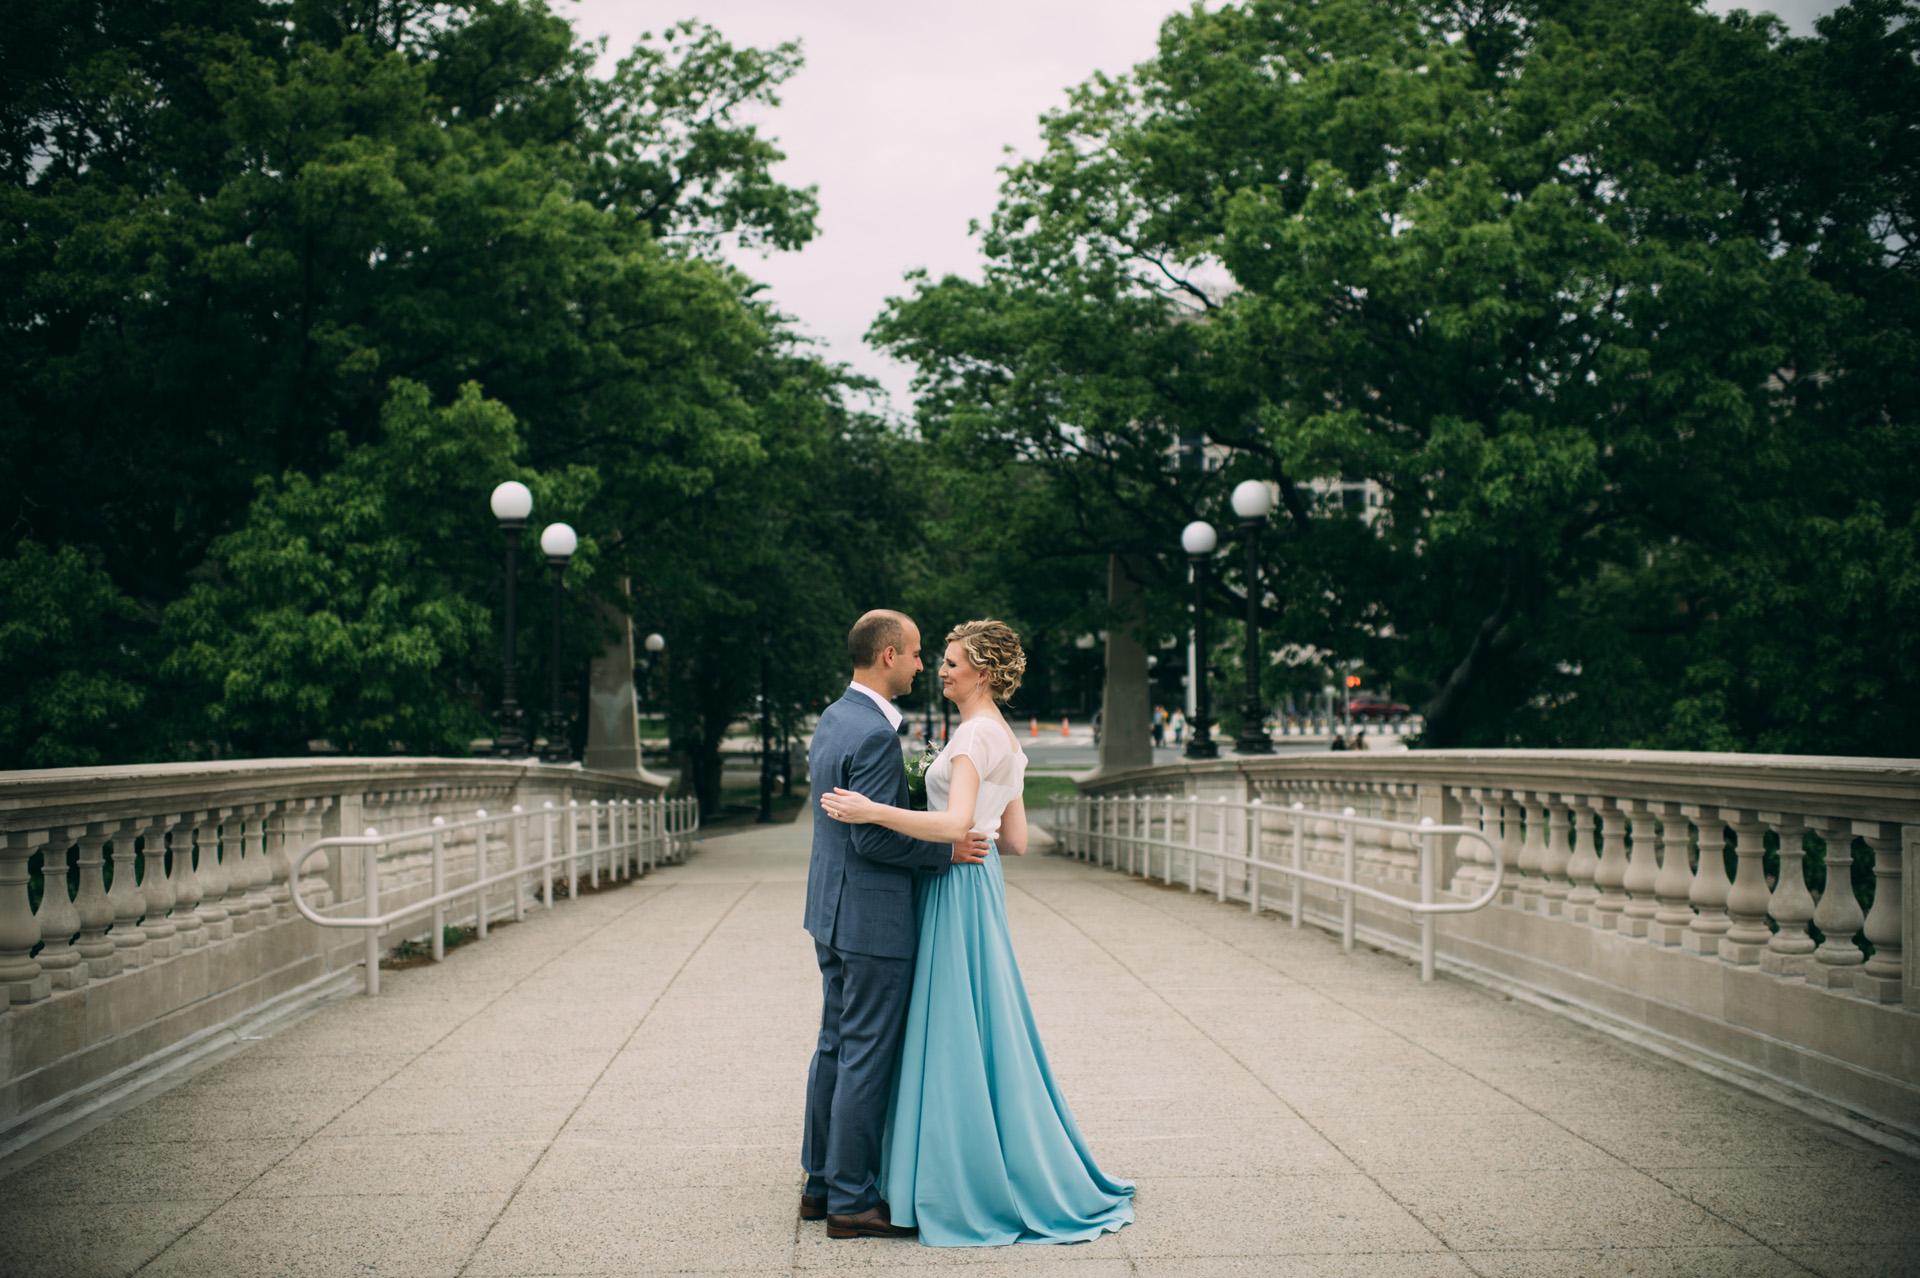 alden-harlow-wedding-photographer-19